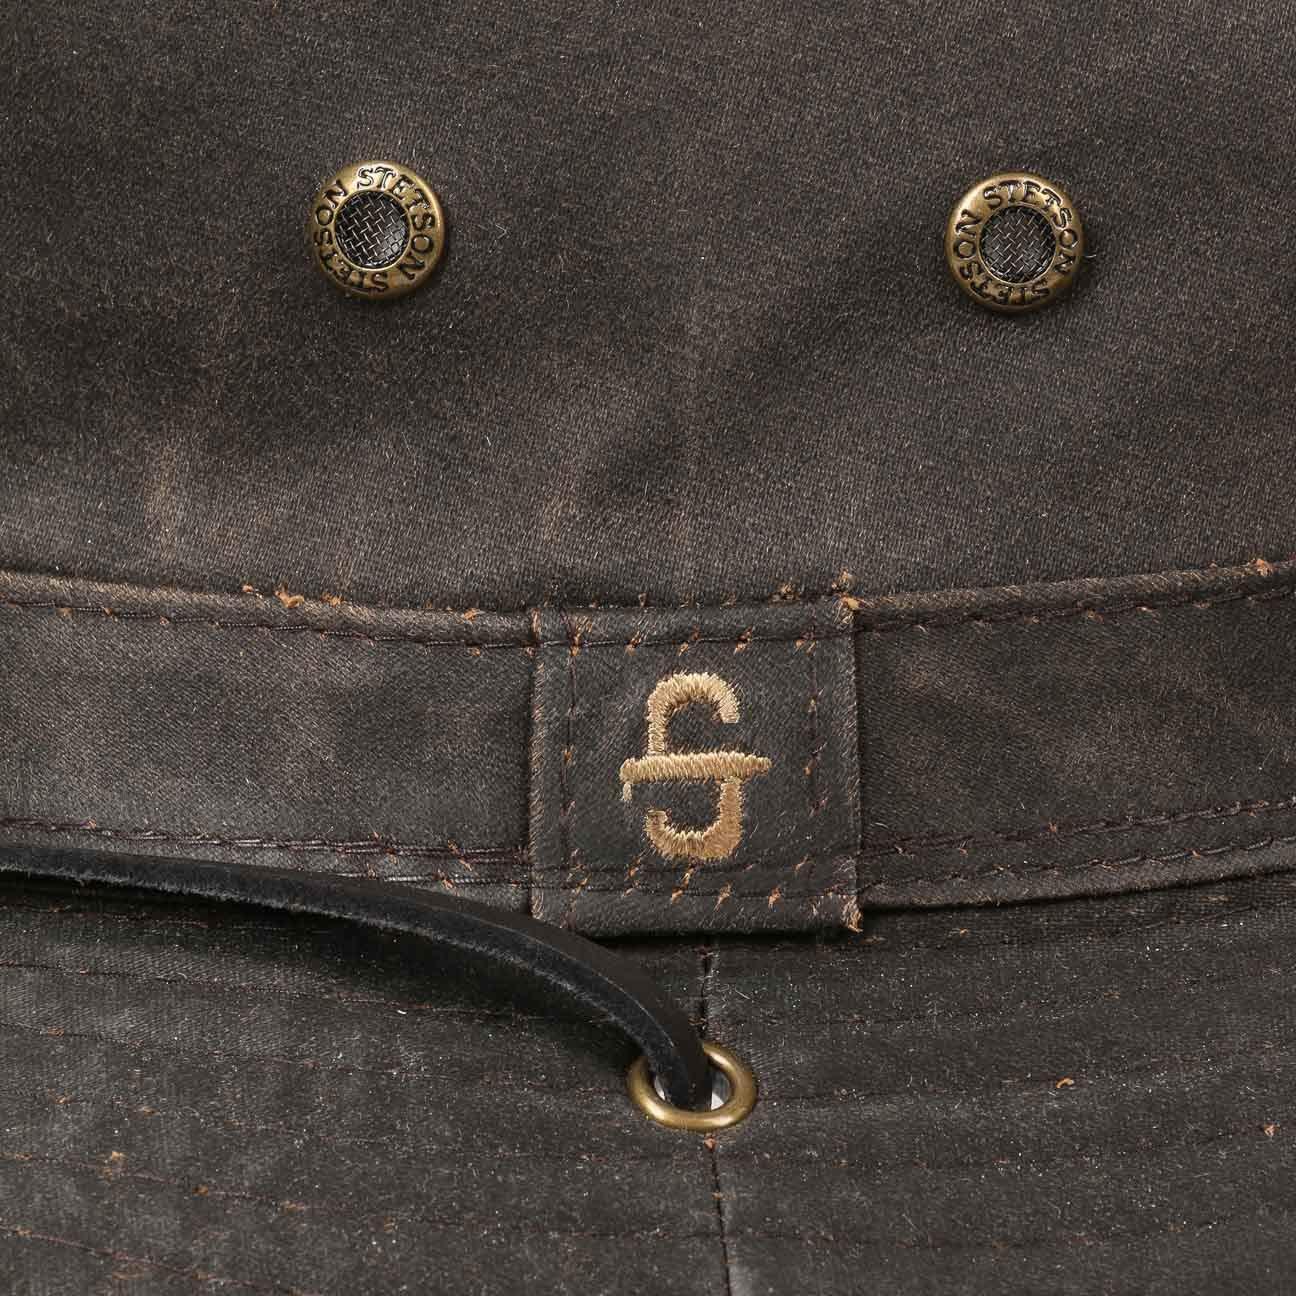 Descrizione prodotto. Temerario e audace. Questo cappello stile western ... 0265494c72f1